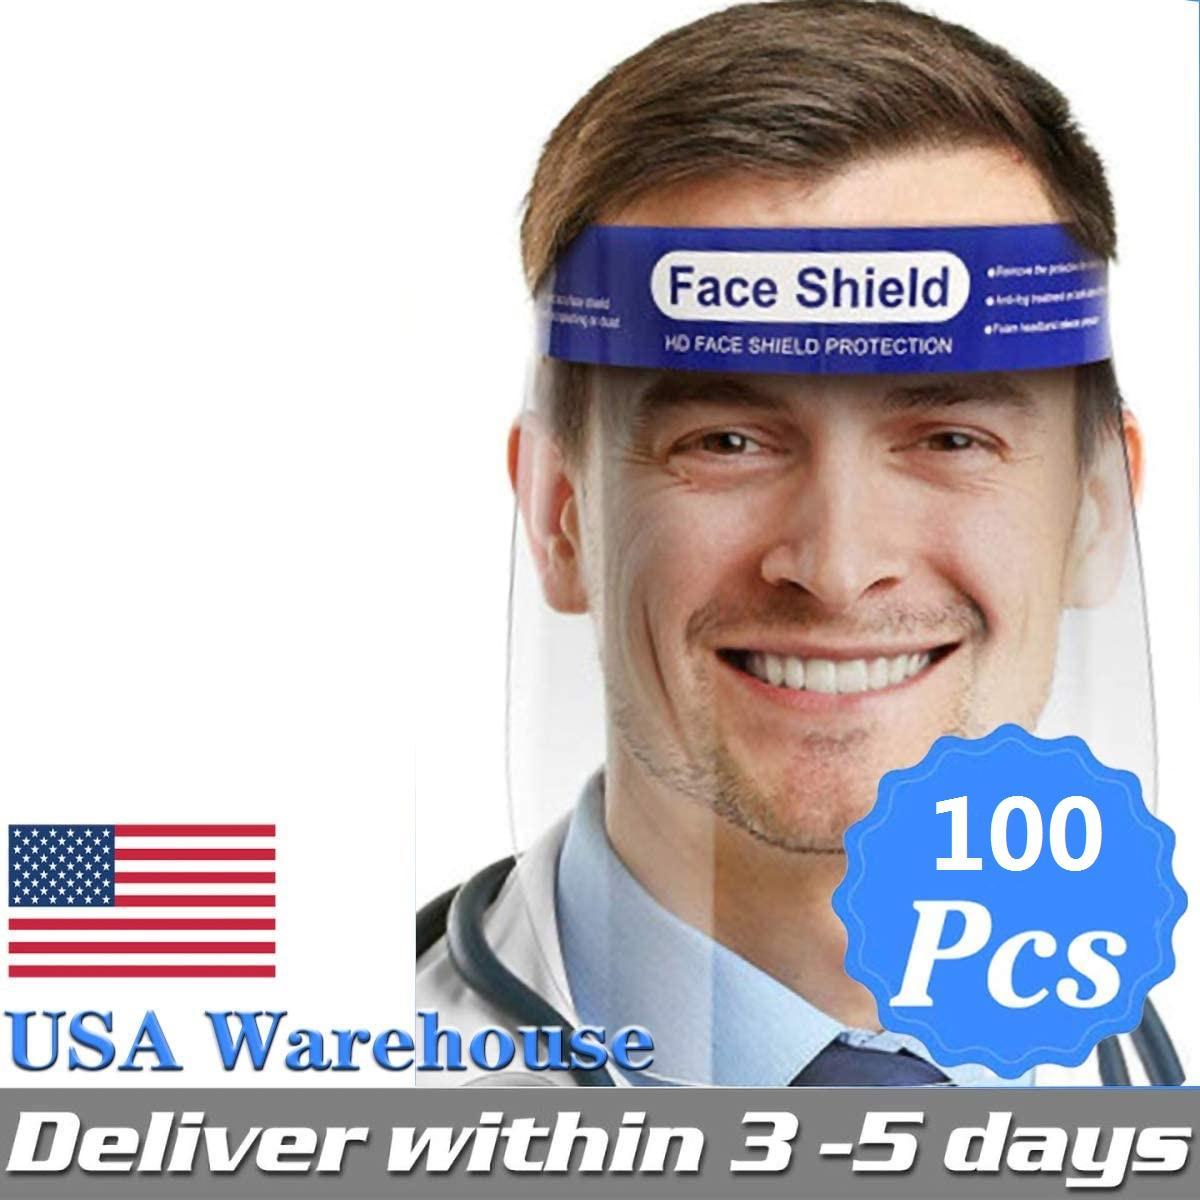 أقنعة الوجه قناع الولايات المتحدة STOCK الدرع المضادة للضباب عزل الكامل واقية مع مطاطا الفرقة الإسفنج عقال HD شفاف PET المضادة سبلاش الغبار